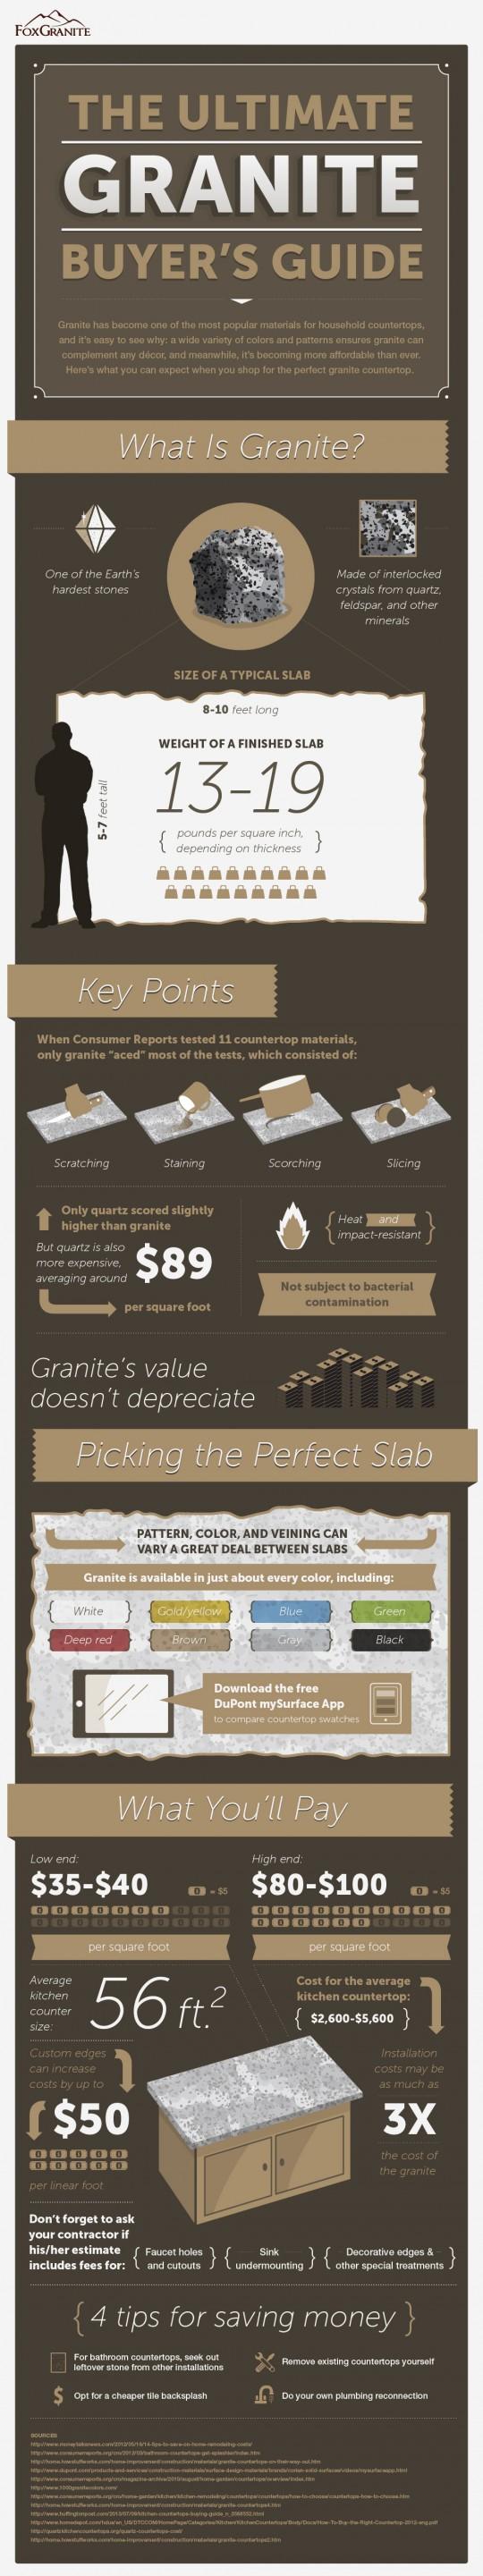 The Ultimate Granite Buyer